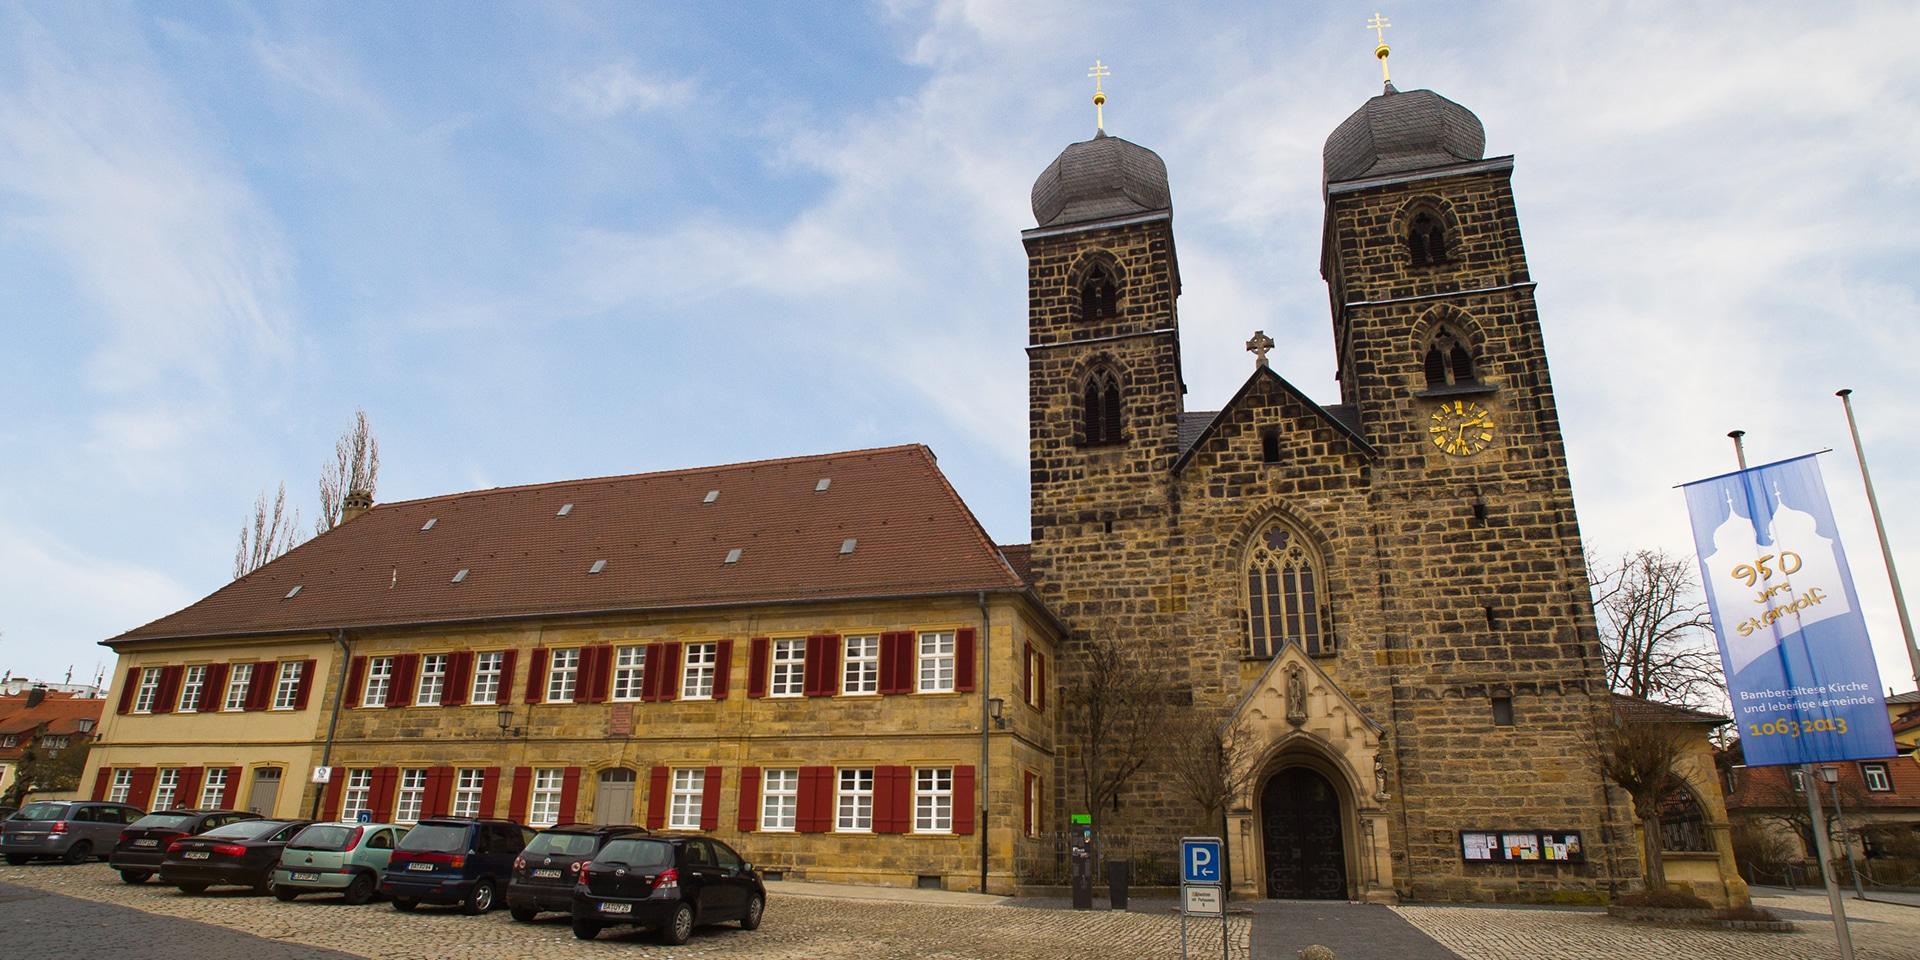 st gangolf bamberg - St. Gangolf